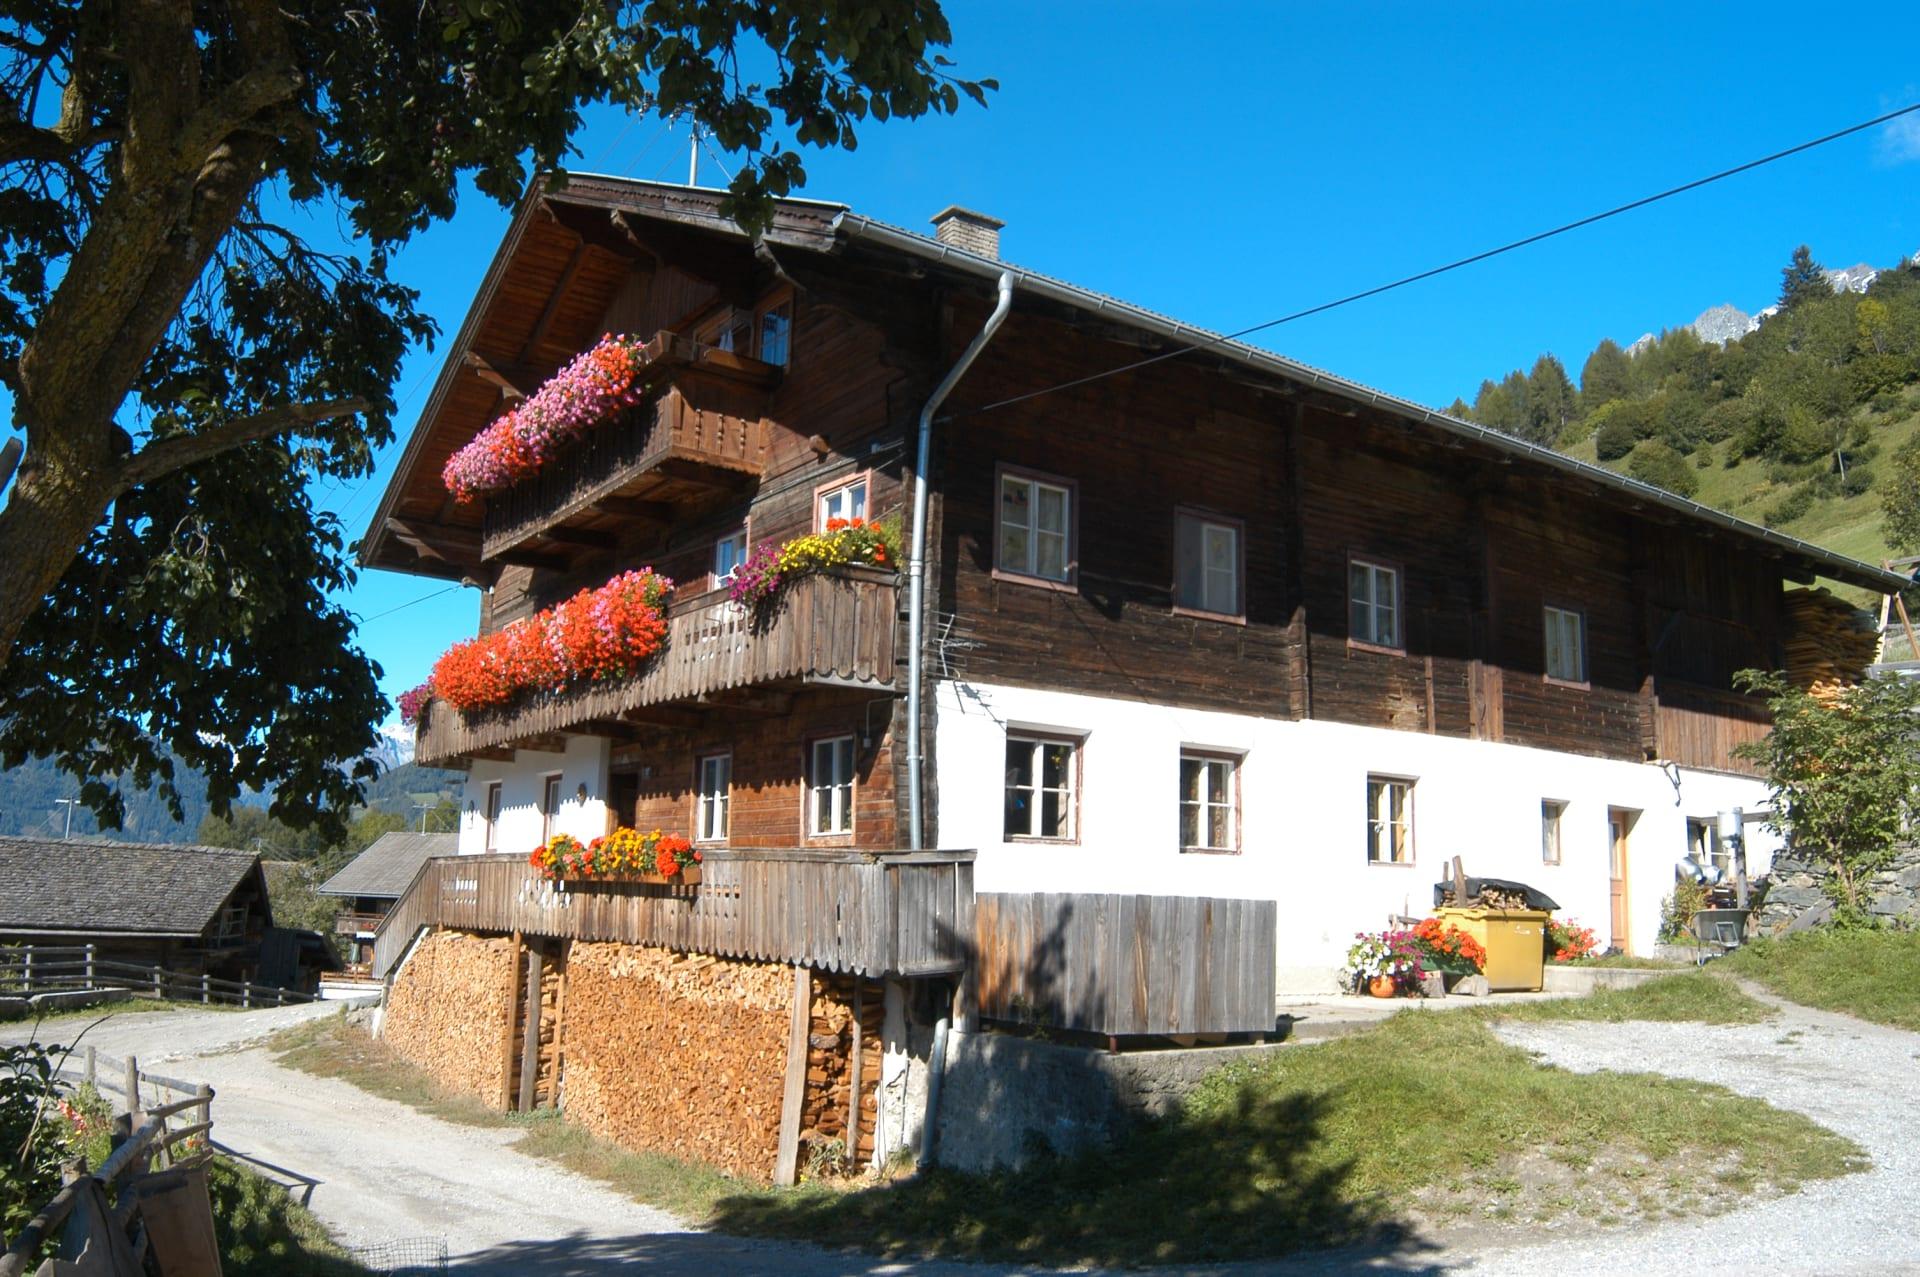 Mortnerhof im Sommer